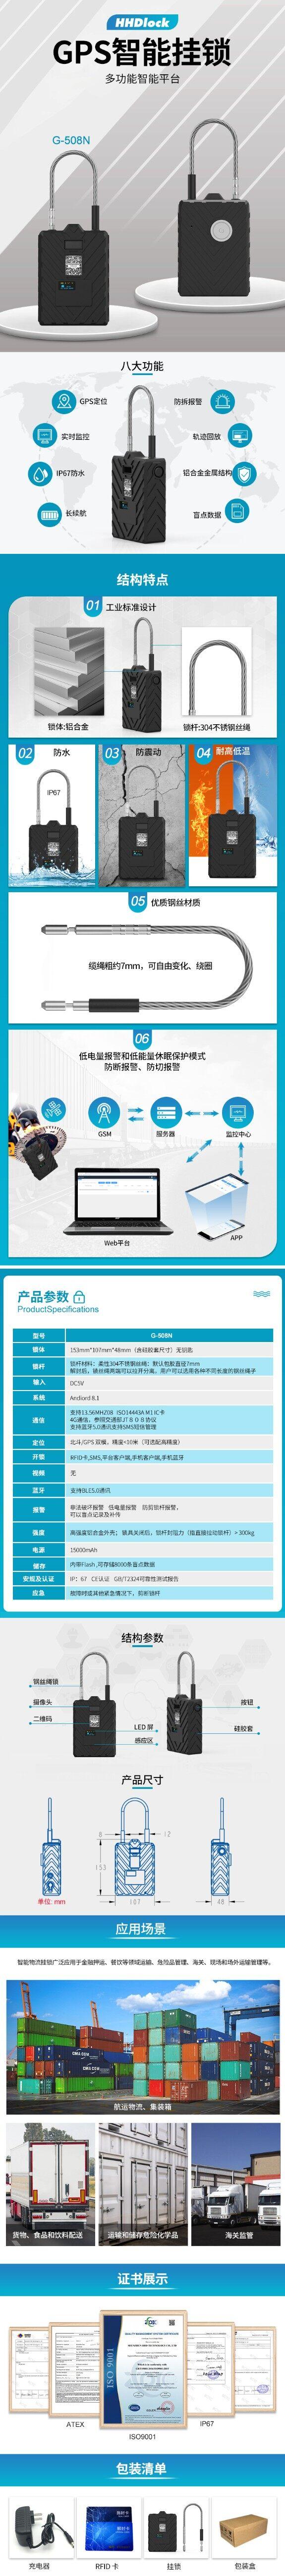 G508n中文.jpg